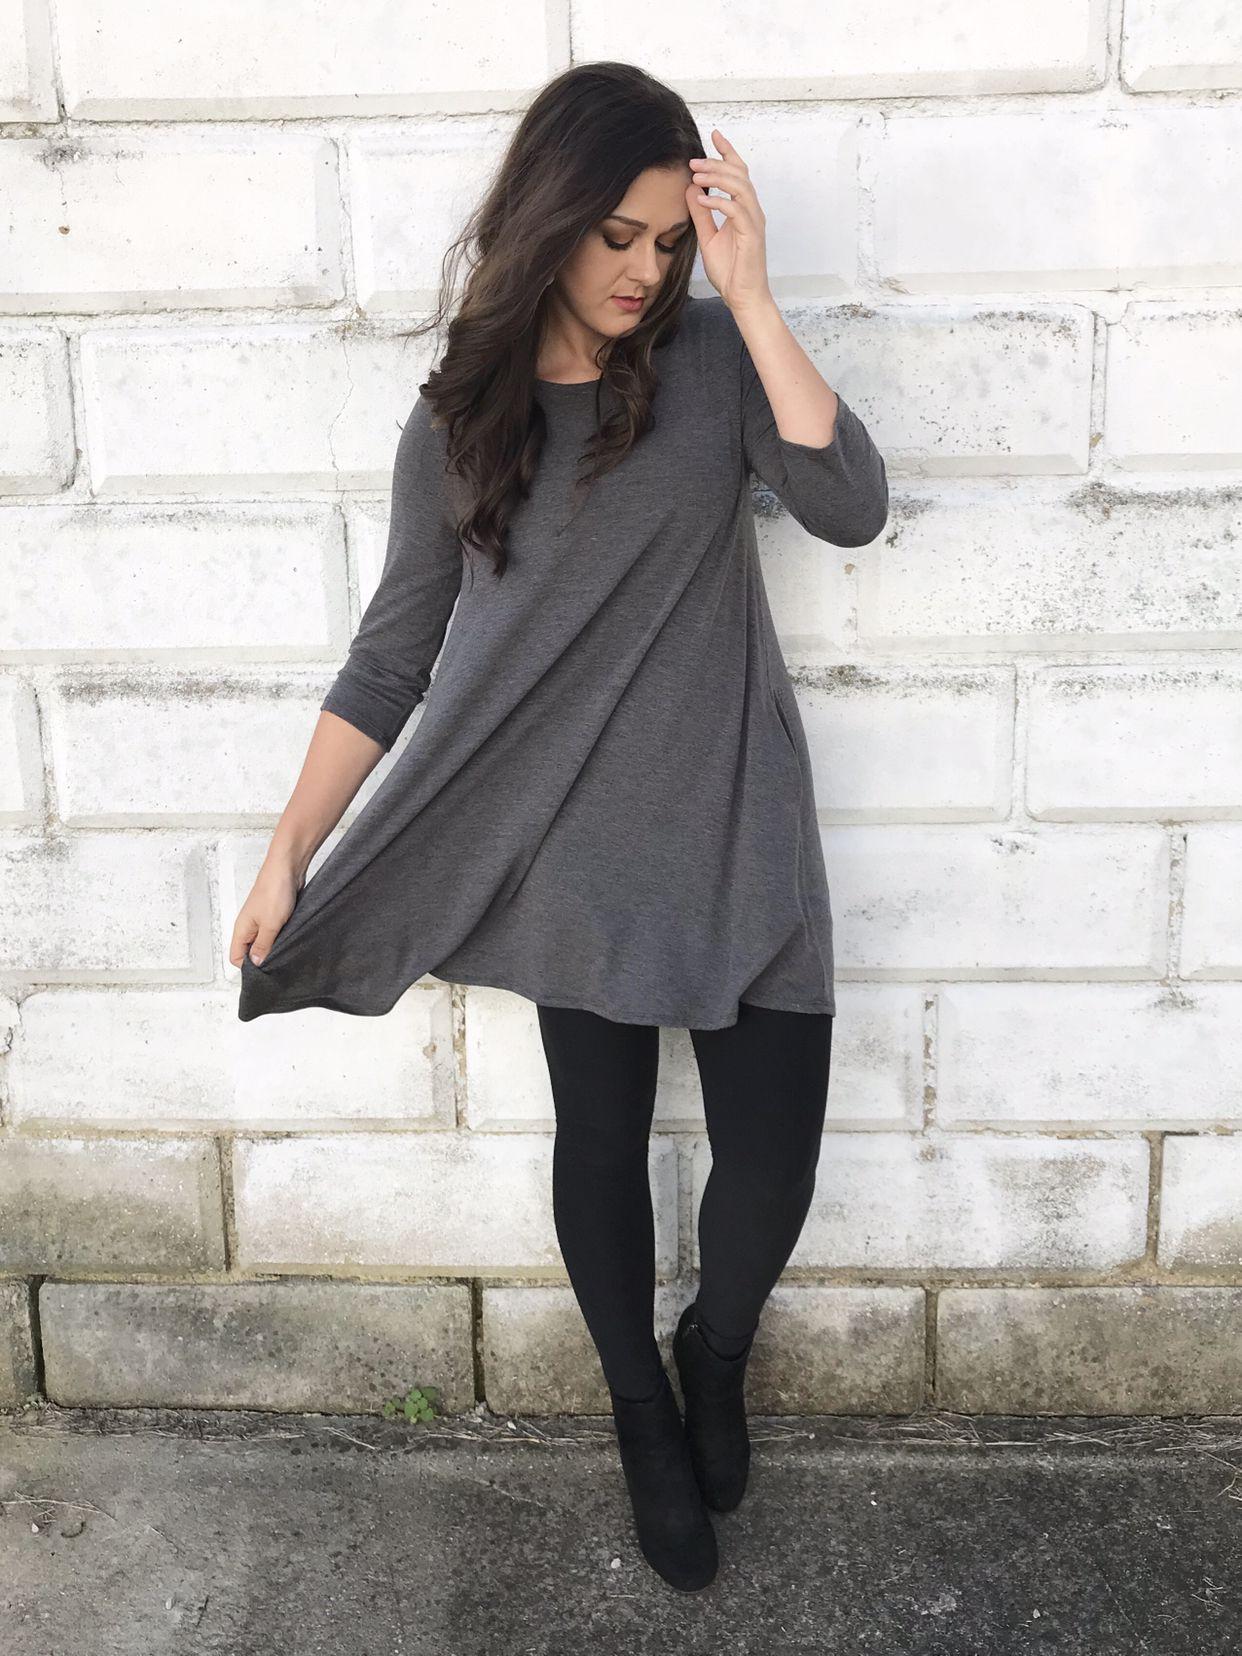 Fall Fashion Gray Tunic Dress Tunic Dress With Leggings Tunic Outfit Gray Tunic Outfit [ 1656 x 1242 Pixel ]